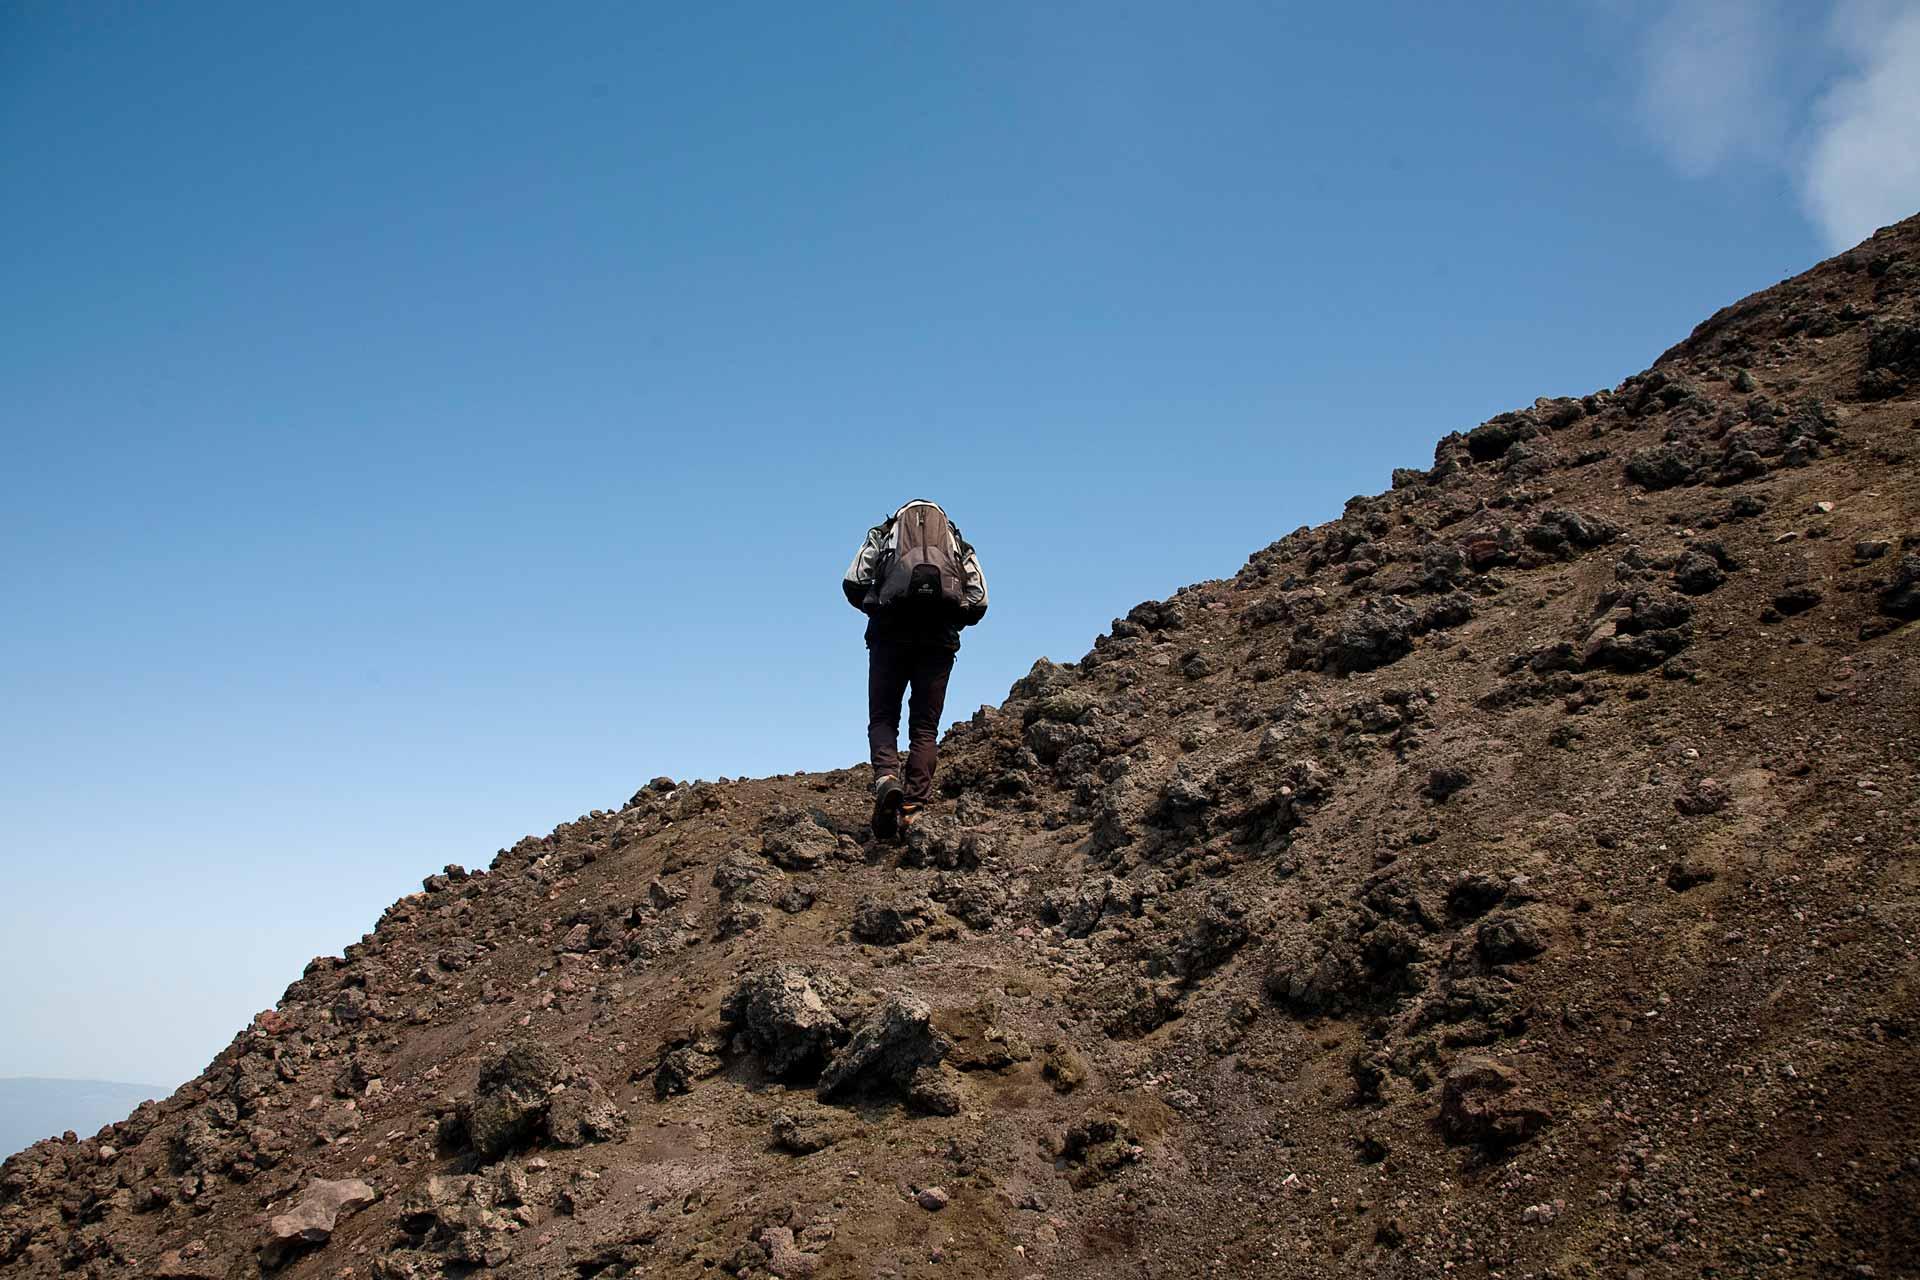 Continuiamo la salita sul costone sud-ovest del vulcano, i coni neri dei crateri avventizi, che incontriamo lungo il percorso, sono le sinistre vestigia di terribili e recenti eruzioni laterali. L?area craterica sommitale non rimane mai uguale nel tempo, anzi, si trasforma continuamente. Basti pensare che solo centoventi anni fa la cima del vulcano culminava con un unico Cratere Centrale, mentre oggi ne troviamo ben quattro, a riprova di rapidi e marcati cambiamenti morfo-strutturali.